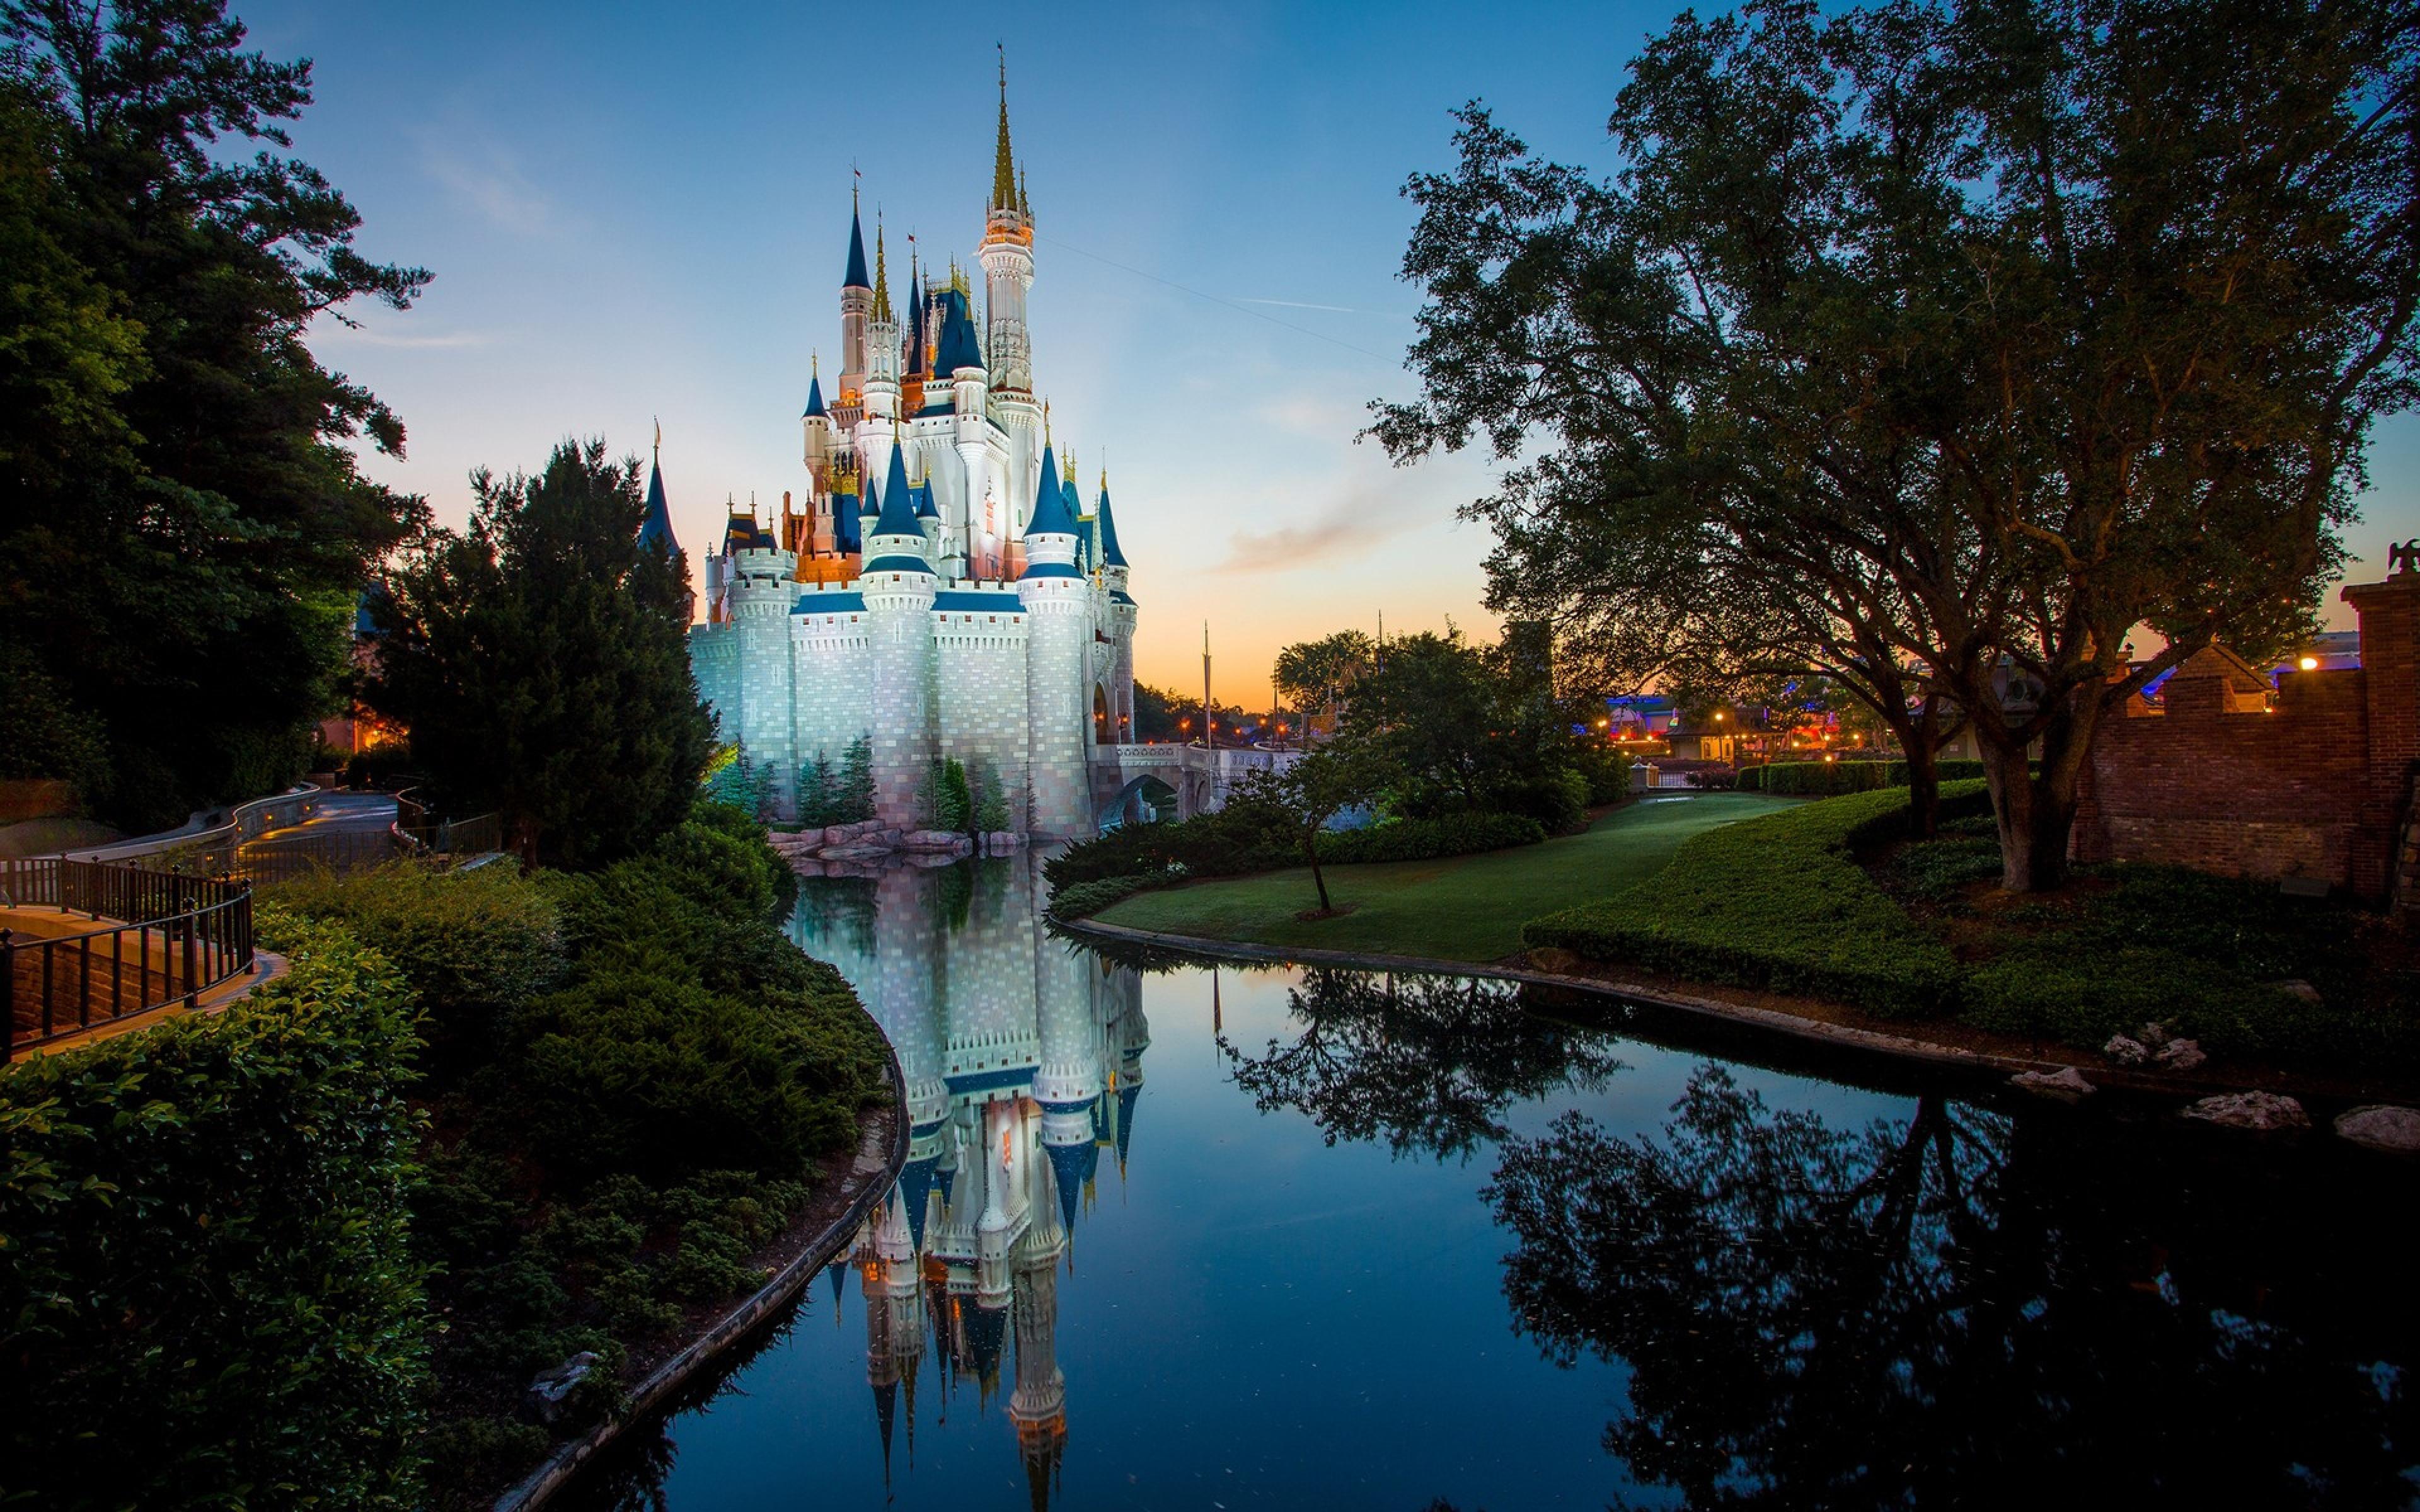 High Resolution Disney Wallpaper: 4K Disney Wallpaper